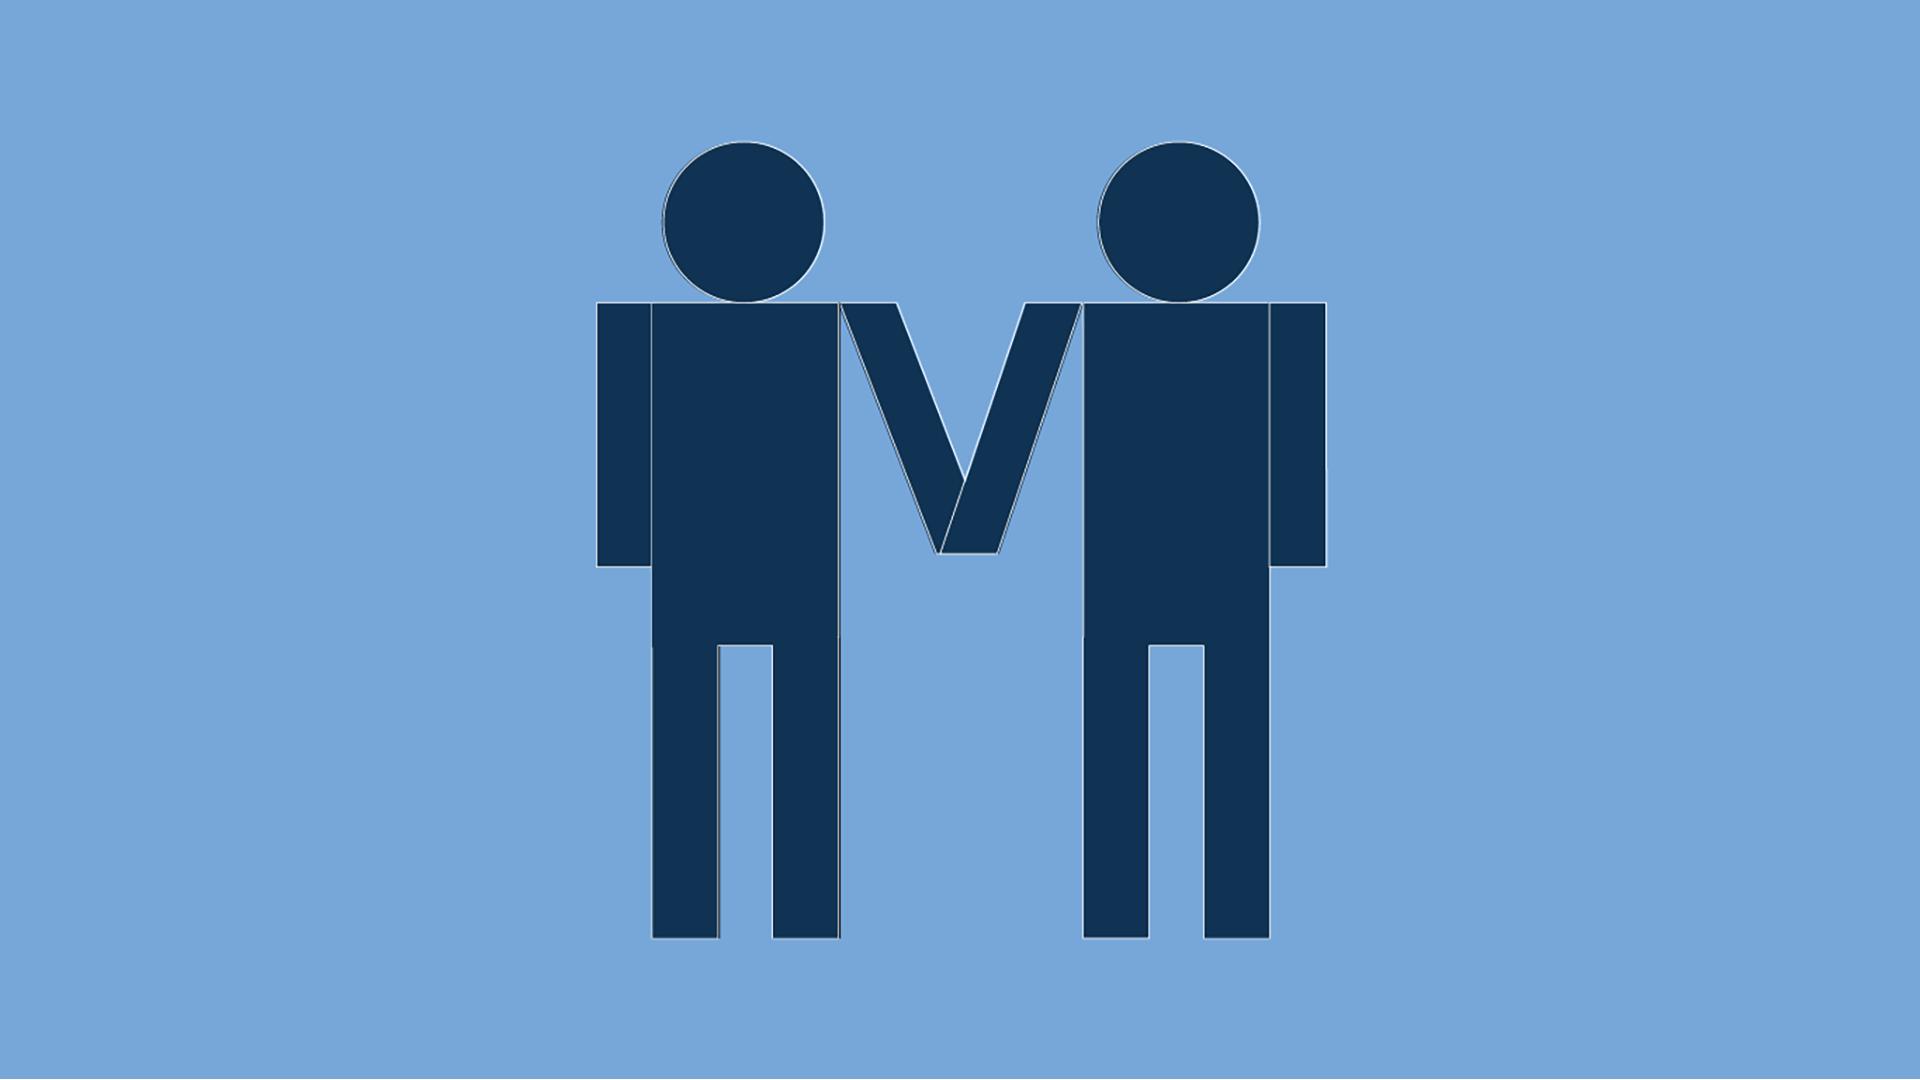 សម្រាប់ LGBTQI (ស្រីស្រឡាញ់ស្រី ប្រុសស្រឡាញ់ប្រុស មនុស្សស្រឡាញ់ភេទទាំងពីរ មនុស្សកែភេទ មនុស្សប្រតិព័ទ្ធភេទដូចគ្នាឬខុសគ្នា មនុស្សគ្មានអត្តសញ្ញាណភេទថាប្រុសឬស្រី)